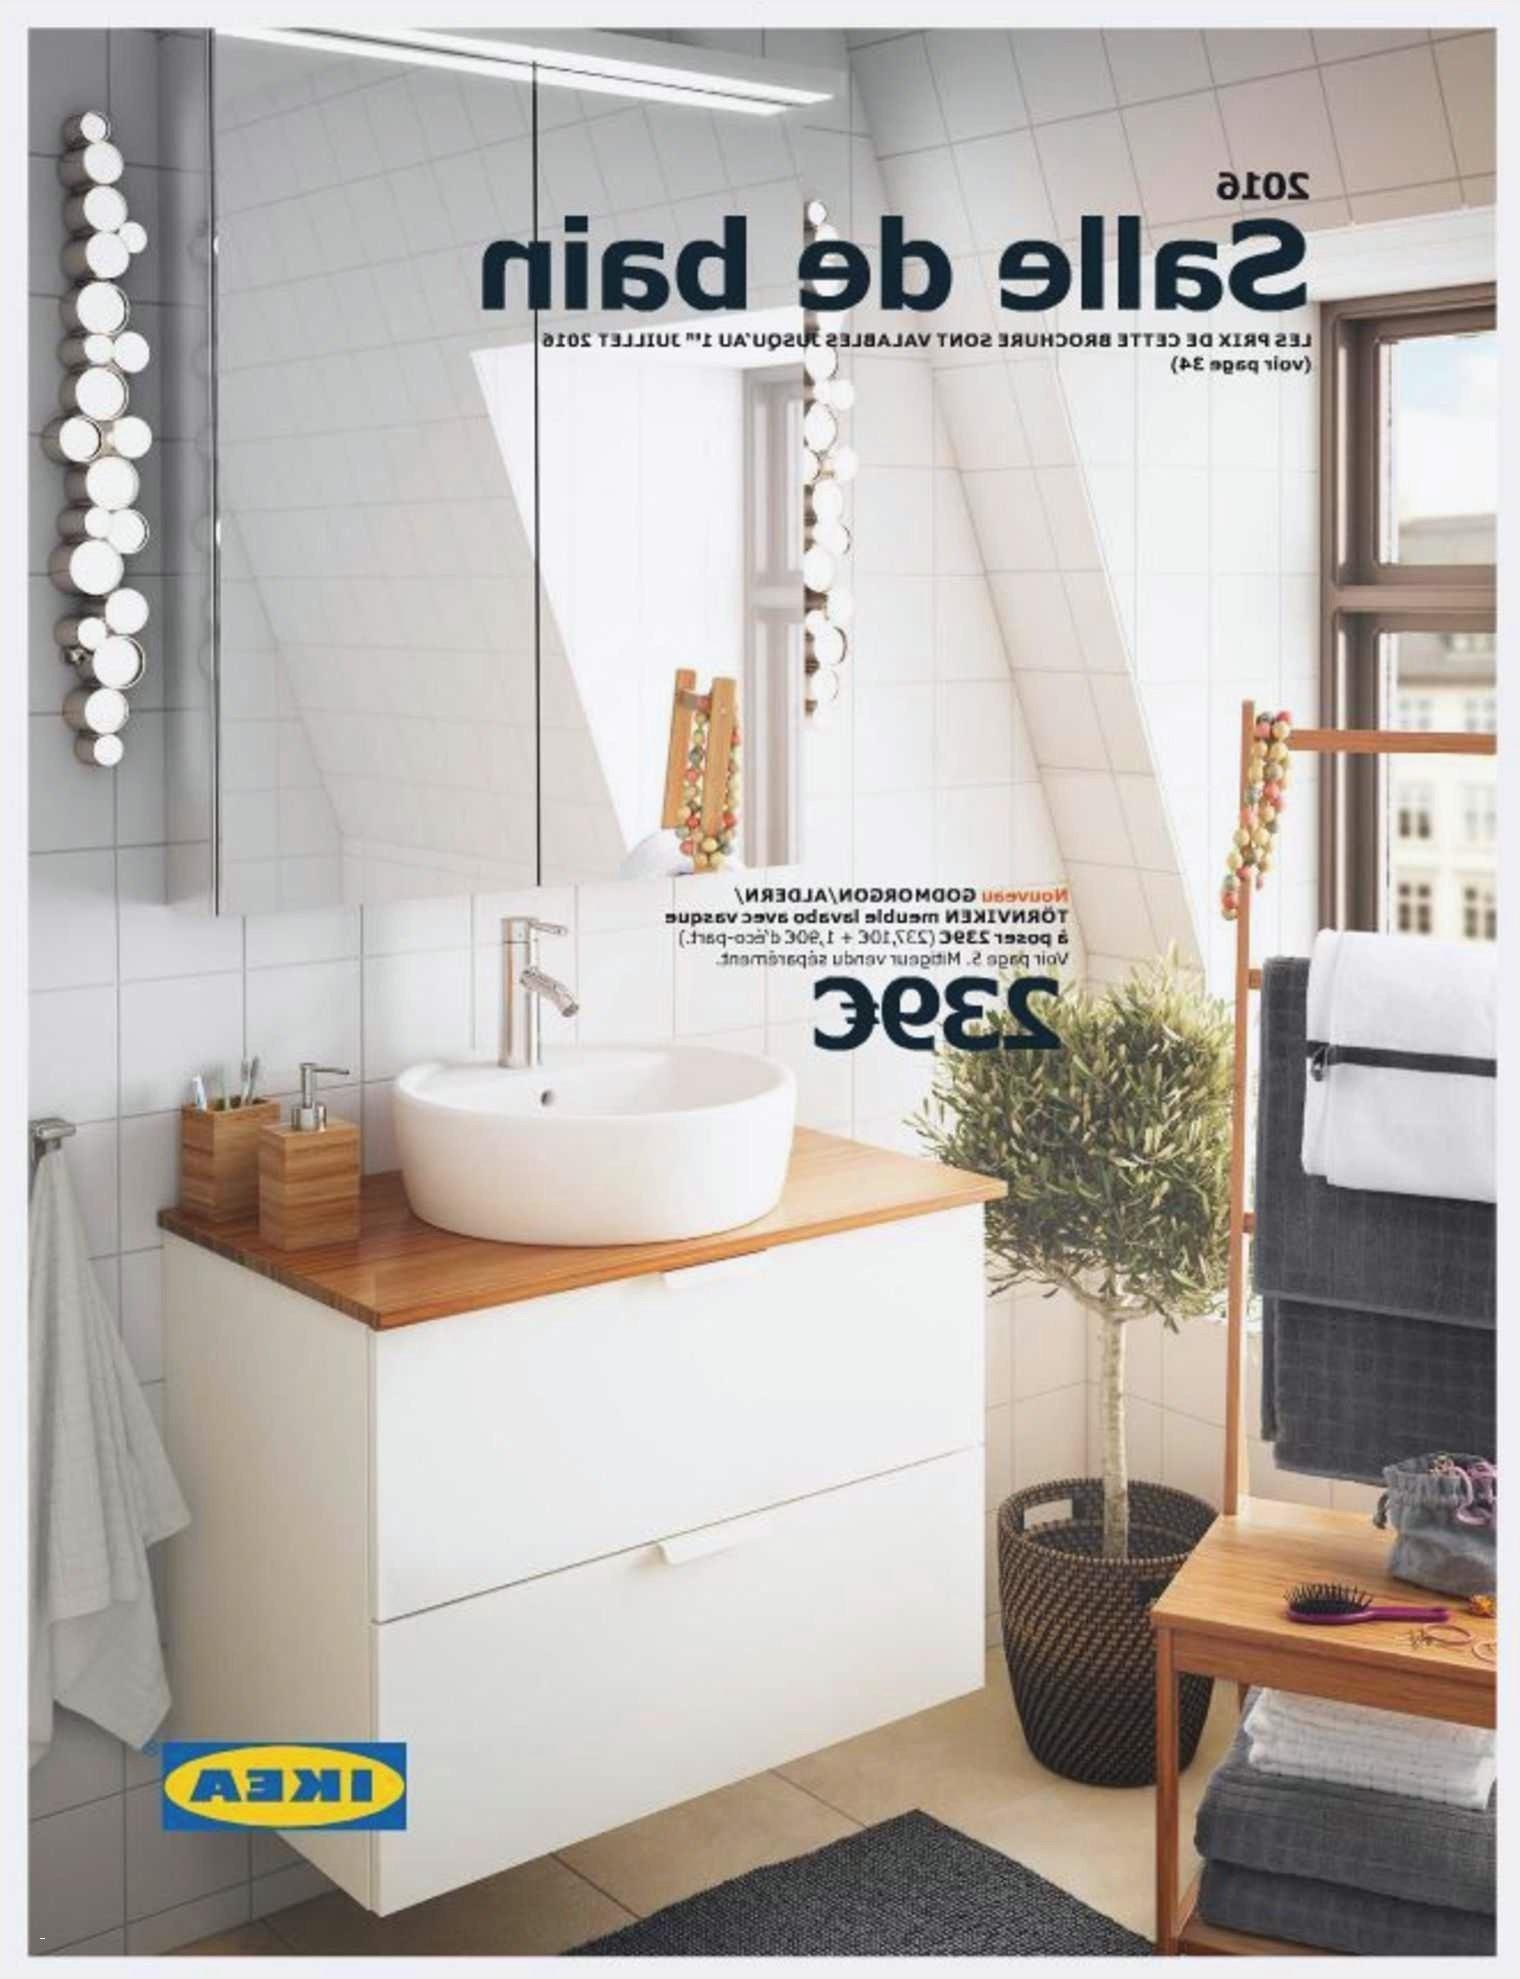 Miroir De Salle De Bain Ikea Frais Collection Miroir Salle De Bain Eclairage Génial Plafonnier Salle De Bain Ikea